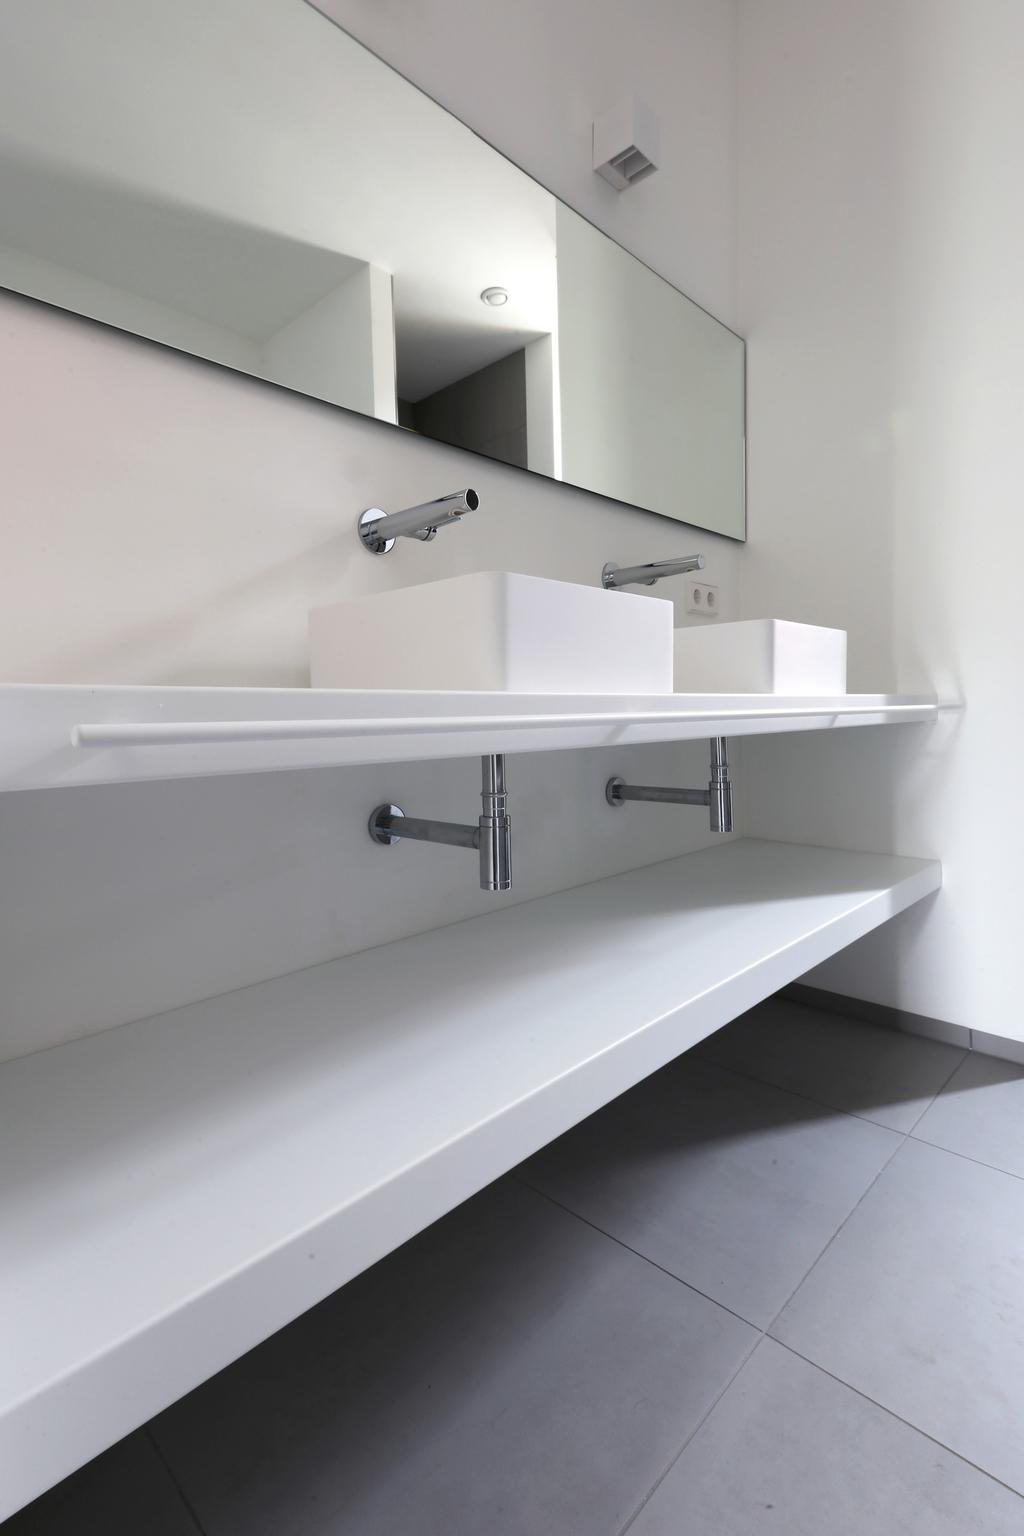 Op maat gemaakte zwevende badkamerplanken van gepoedercoat/gepoederlakt staalmet ranke handdoekstang.